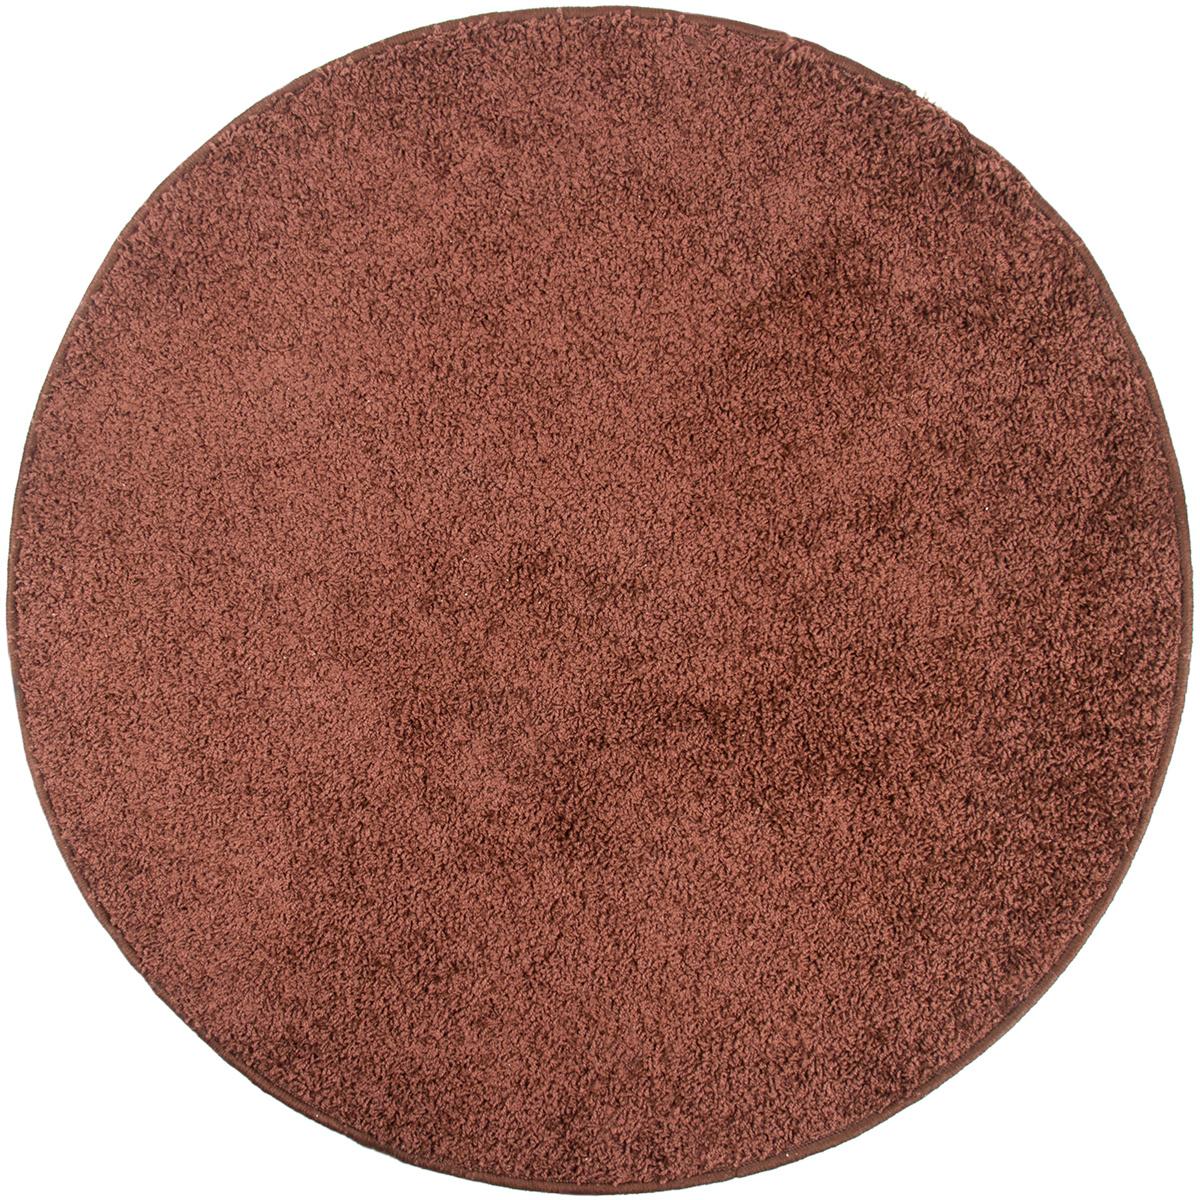 Vopi Kusový koberec Color shaggy hnědá, 120 cm